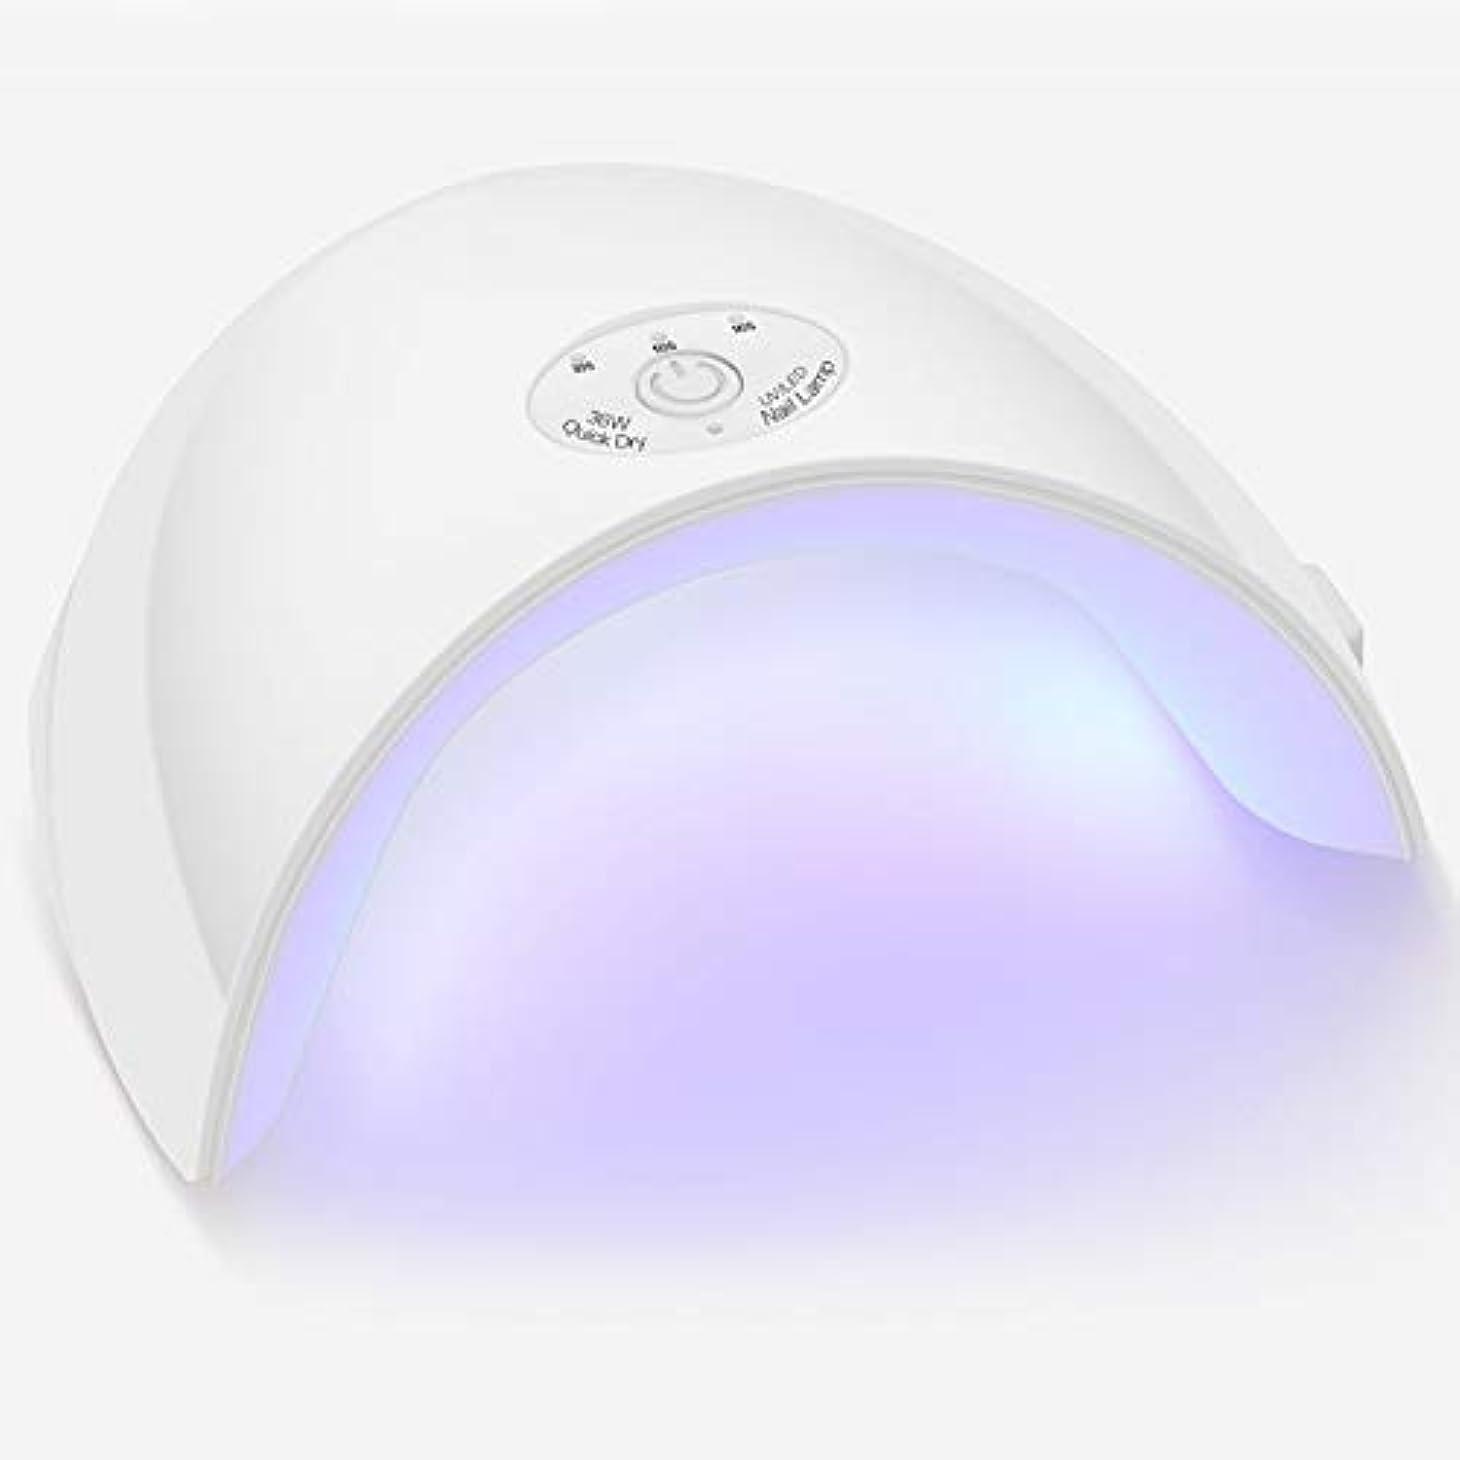 硬化ライトネイルライト ネイルLEDライト36W新型 3段階タイマー付きUSB式 ハイパワー